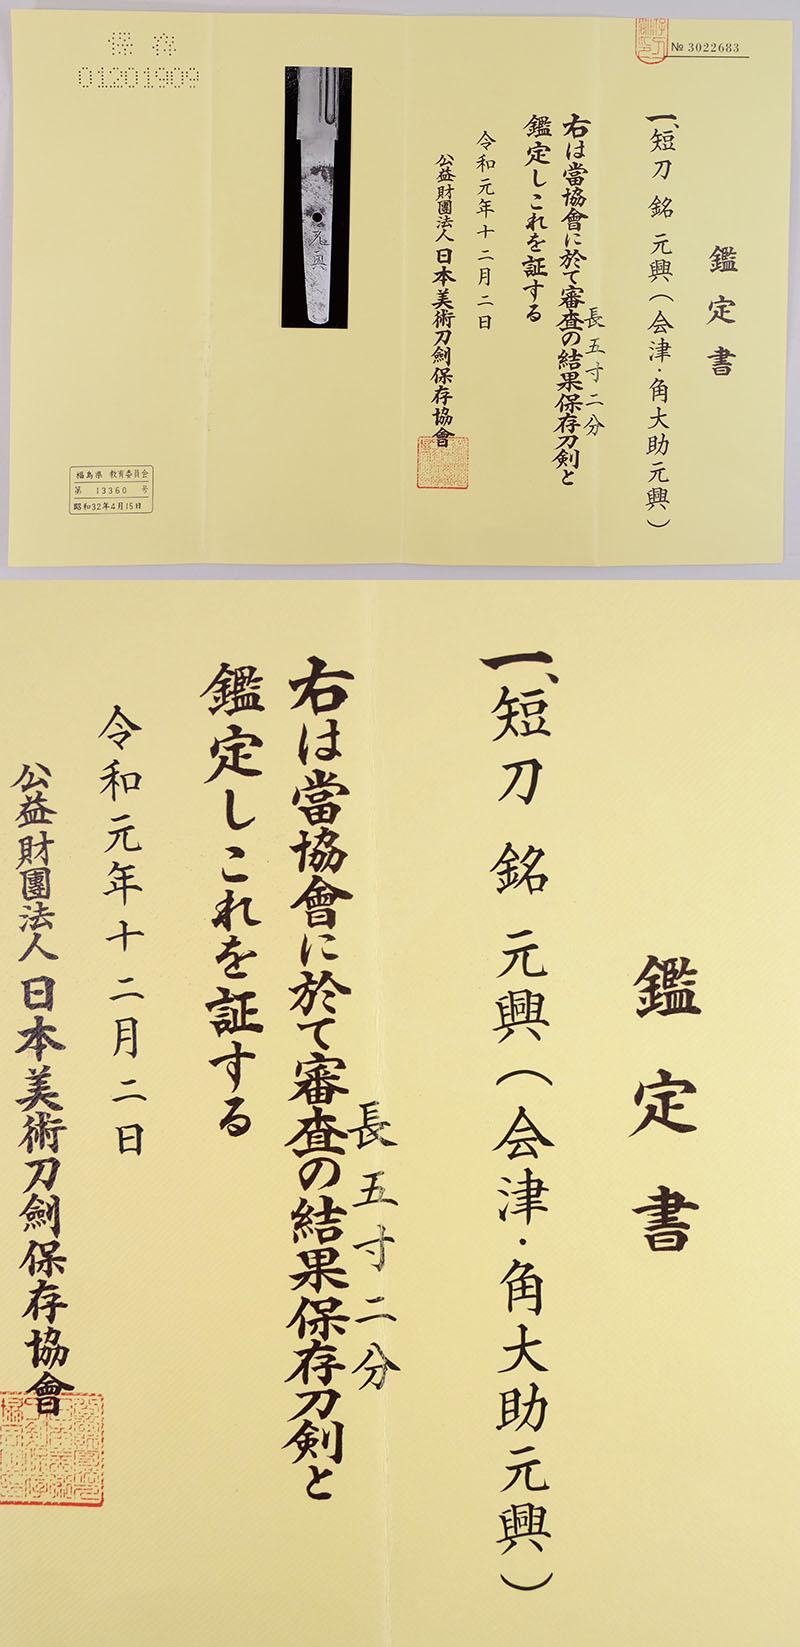 元興(会津・角大助元興)(大和守秀国)鑑定書画像